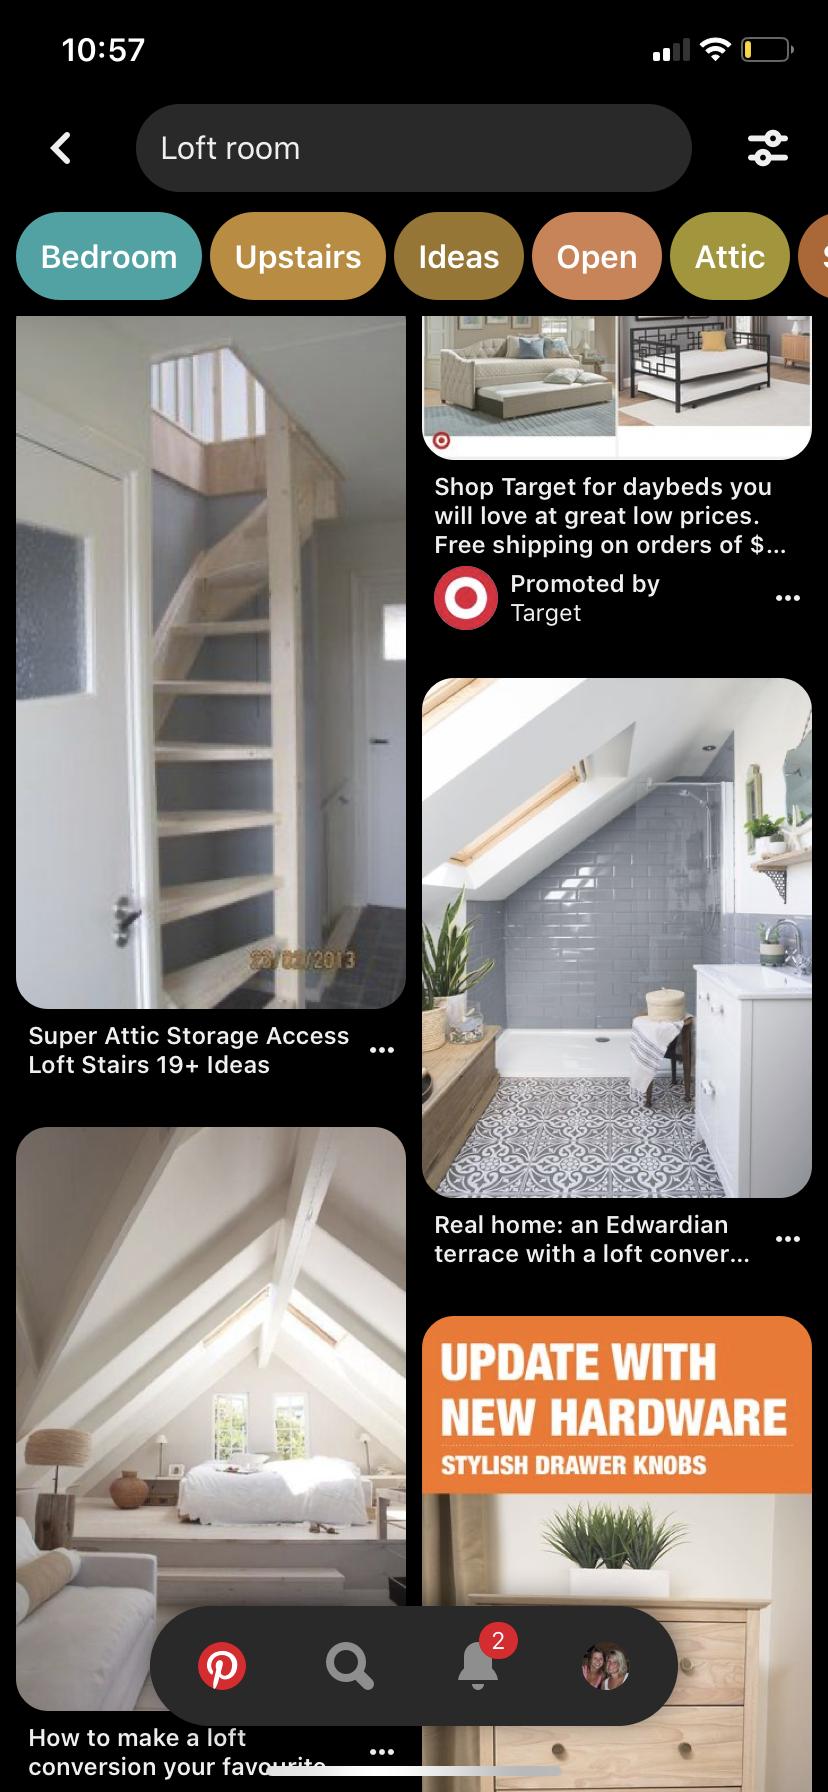 Pin by Caryn Kosteva on Homeee in 2020 Loft room, Stairs